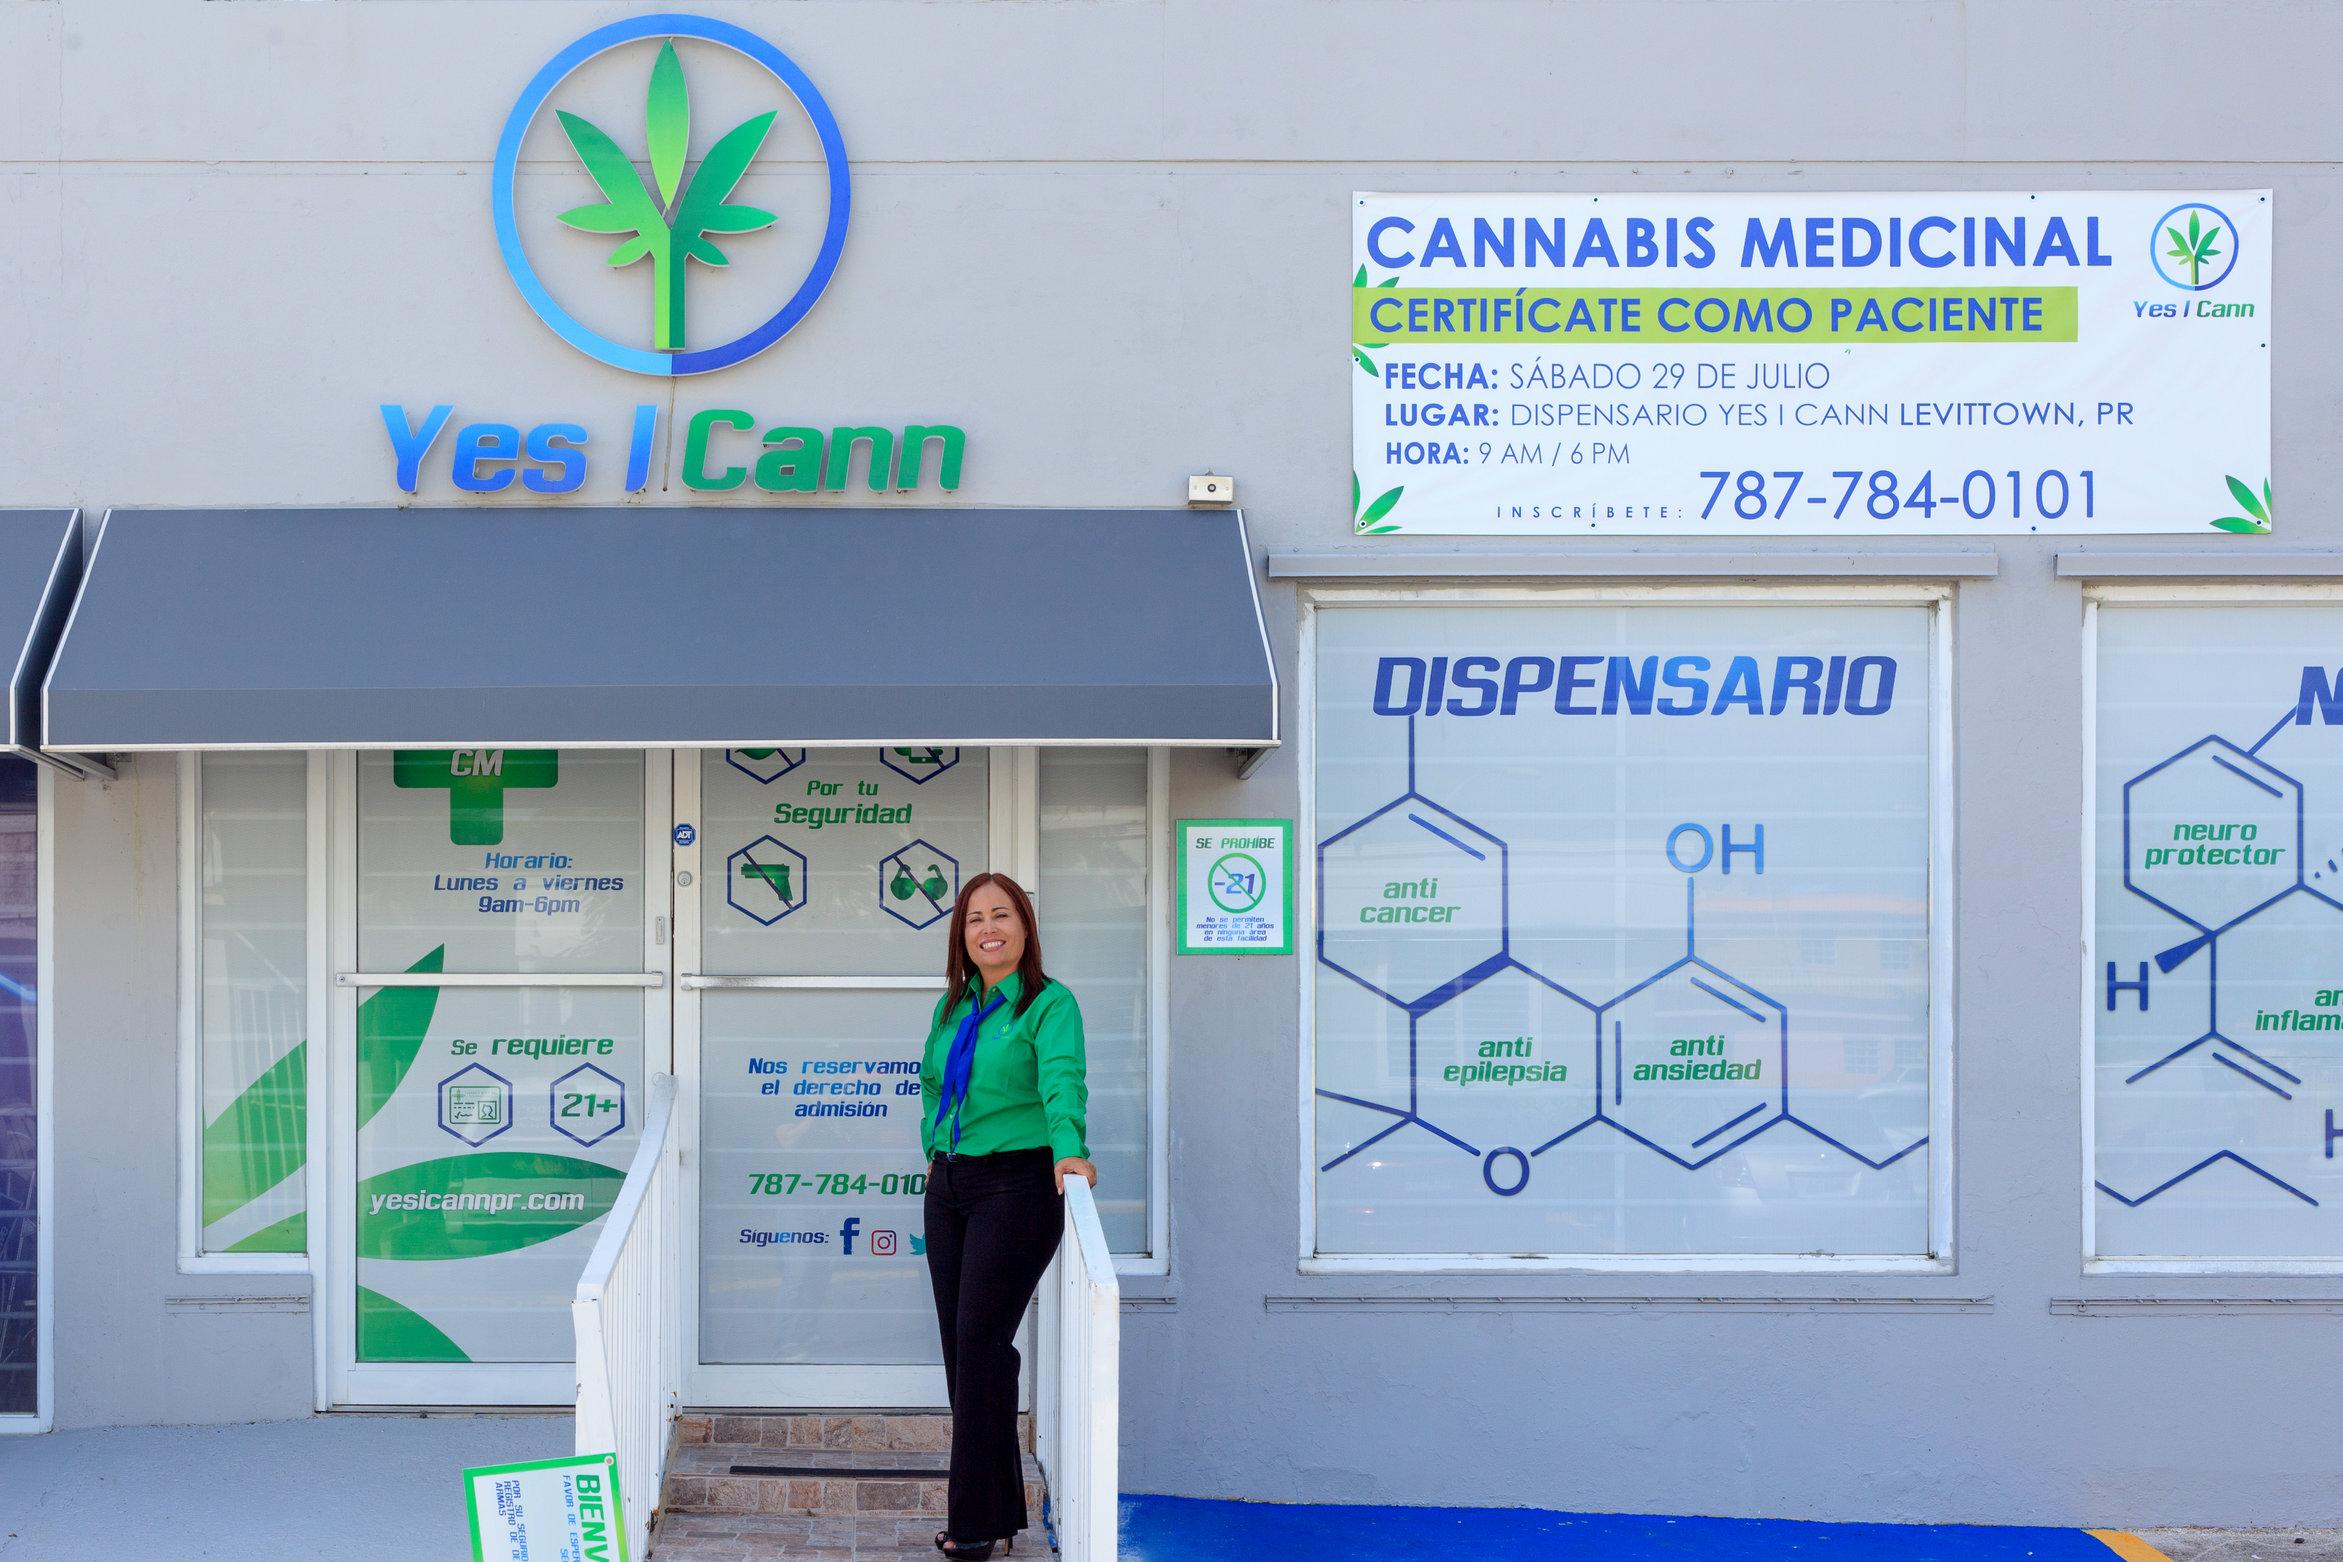 Abrirán primer dispensario boutique de cannabis medicinal en Levittown